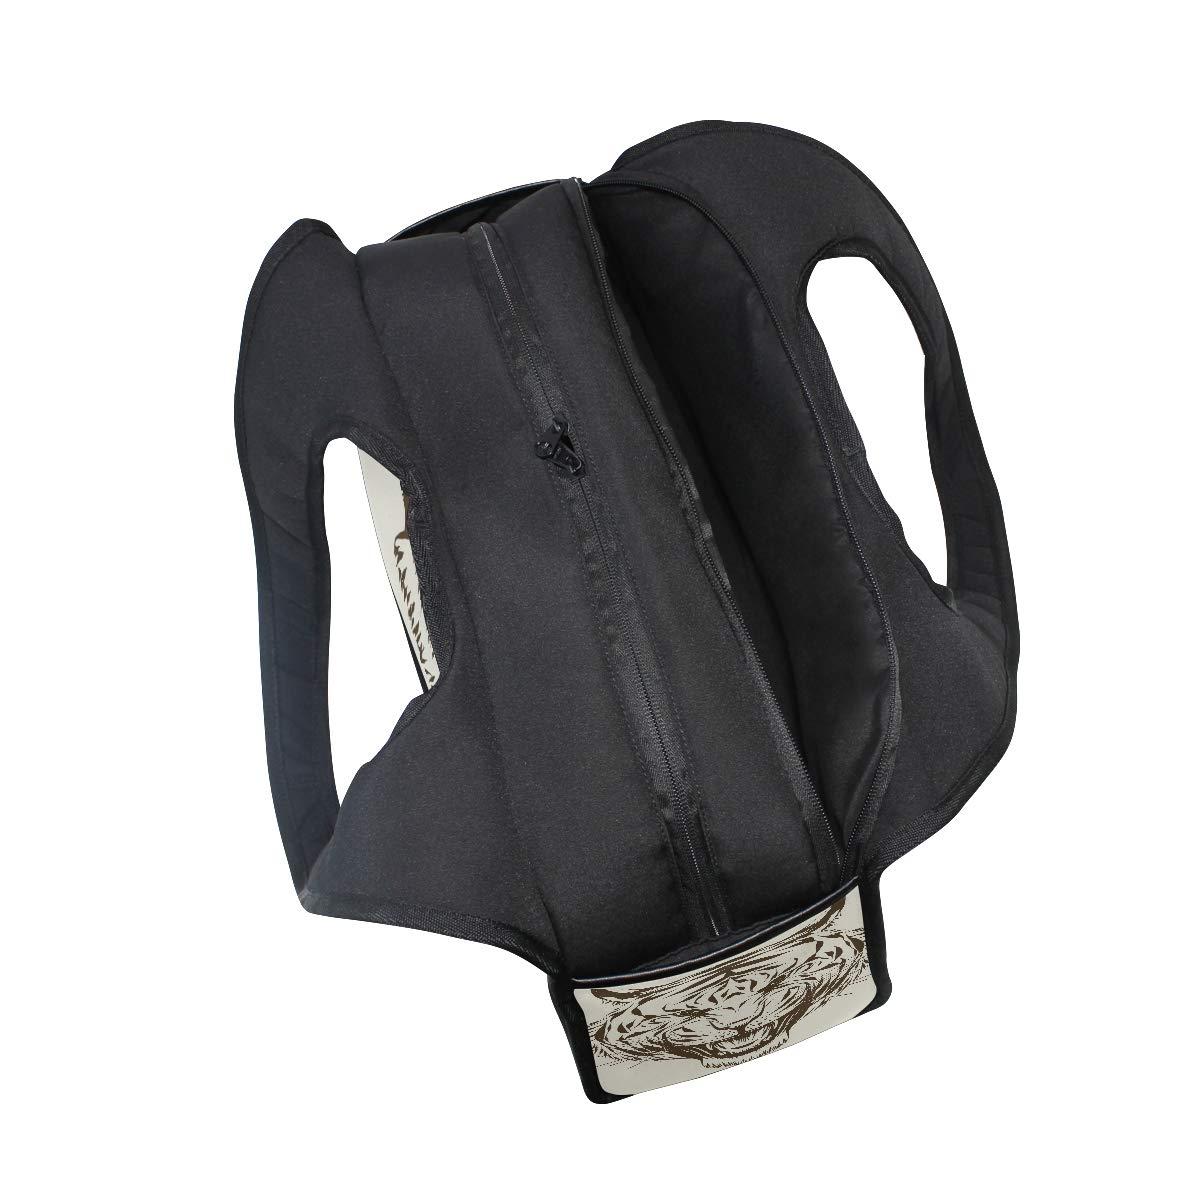 Tiger Head Outline Women Sports Gym Totes Bag Multi-Function Nylon Travel Shoulder Bag